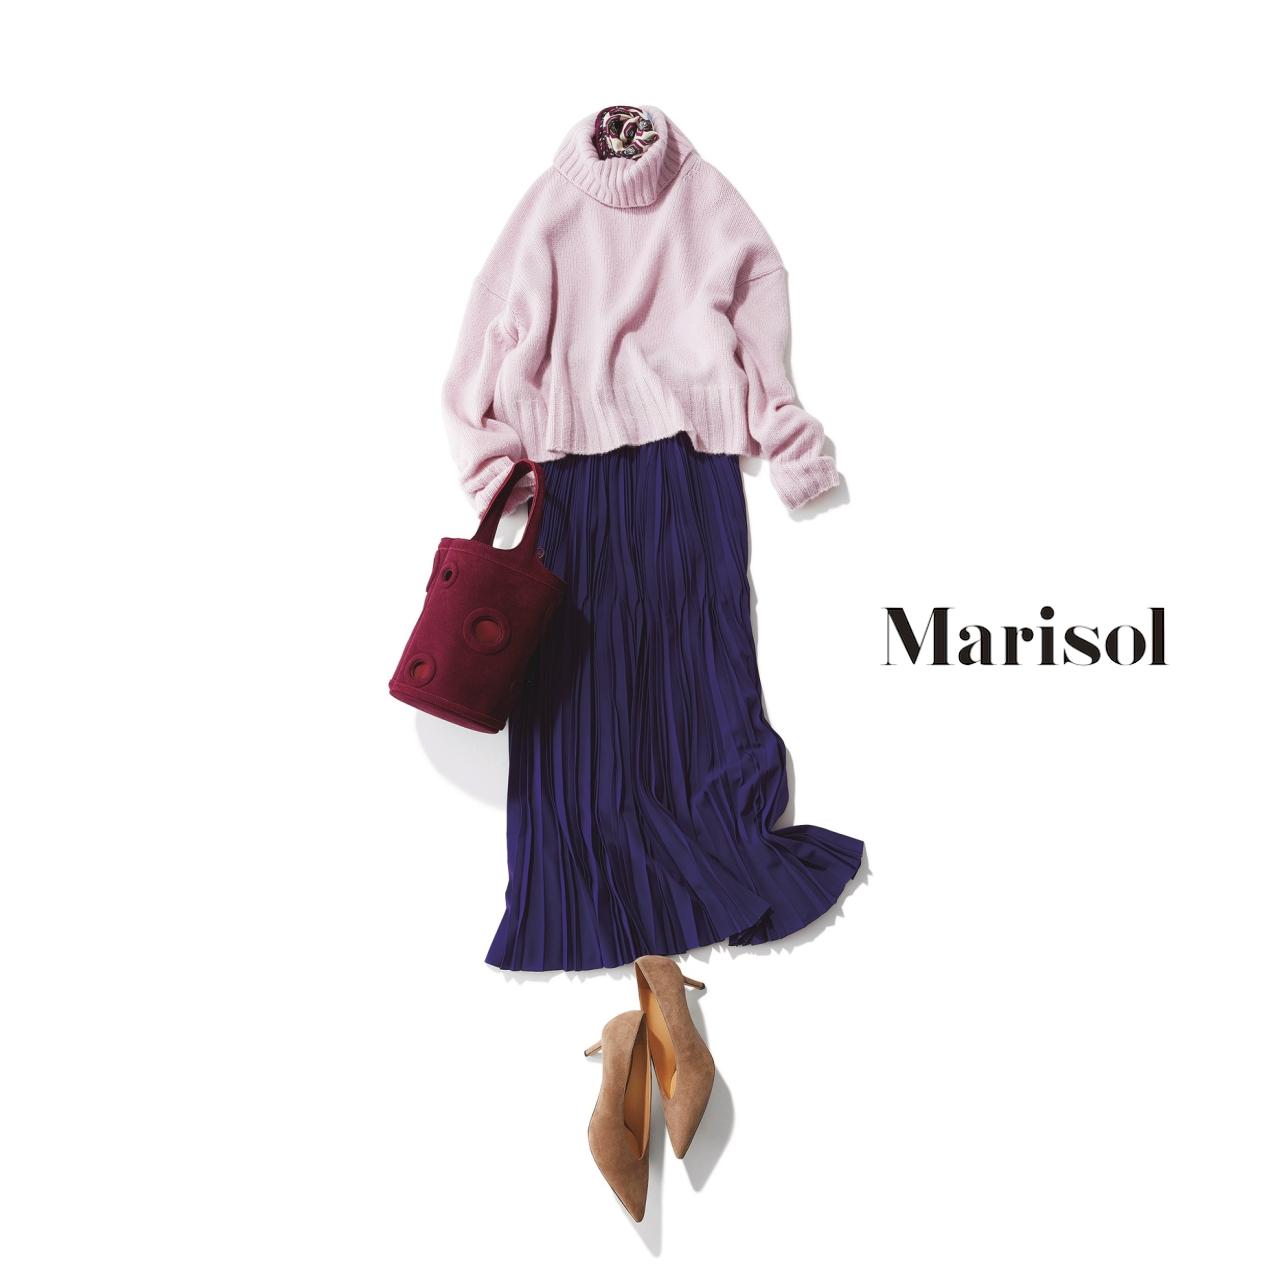 ファッション ニット×スカートのパープルグラデコーディネート